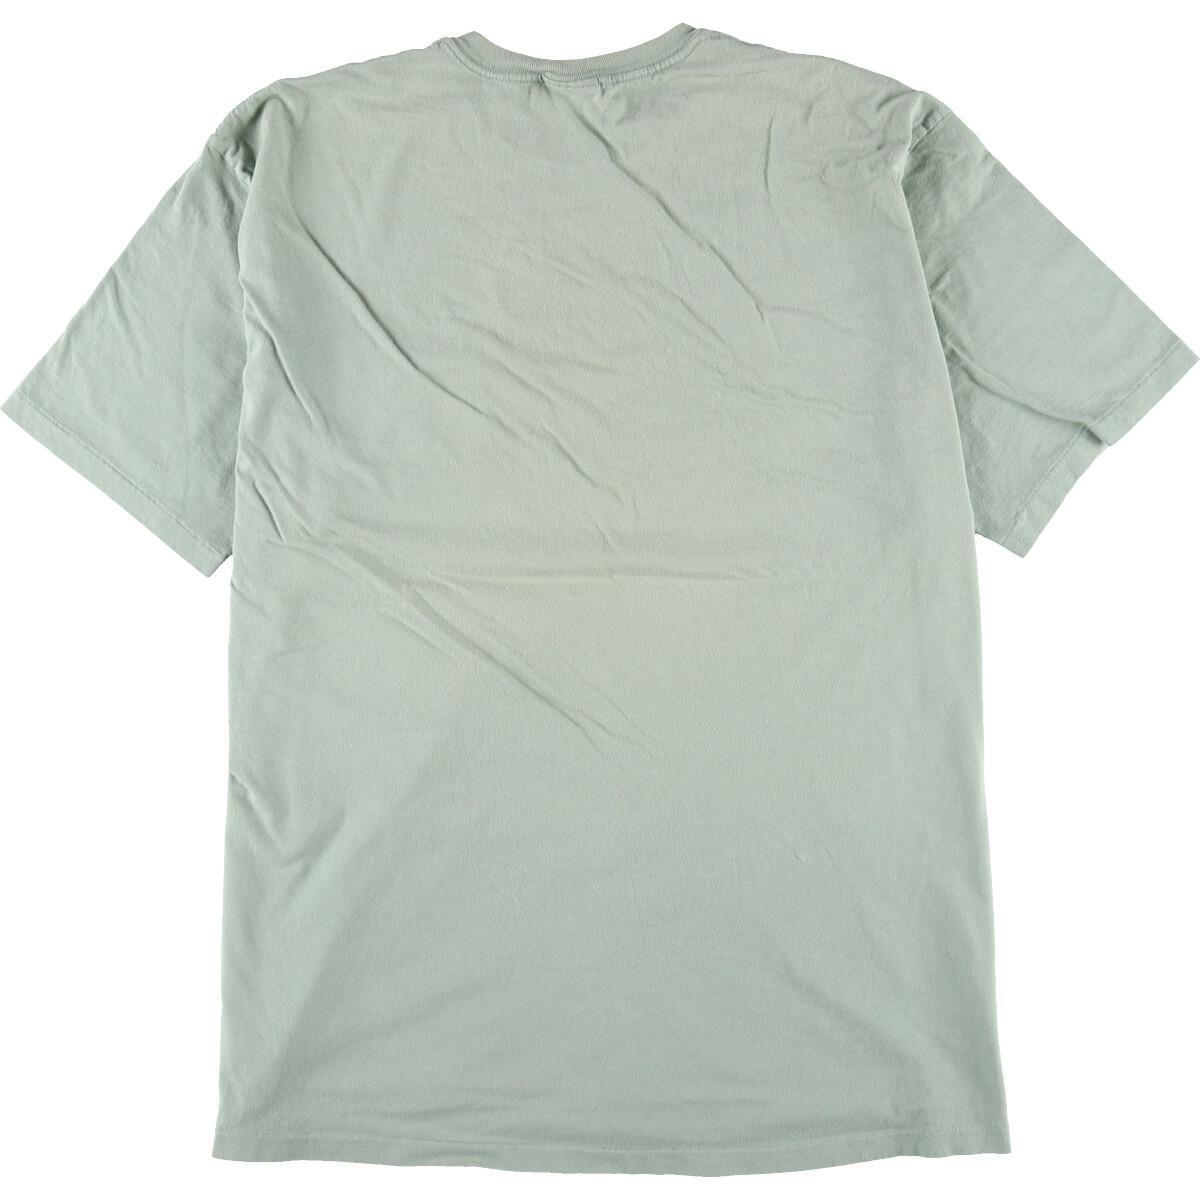 90年代 ラルフローレン POLO by Ralph Lauren 半袖 ワンポイントロゴポケットTシャツ USA製 メンズXL ヴィンテージ /eaa168347_画像2